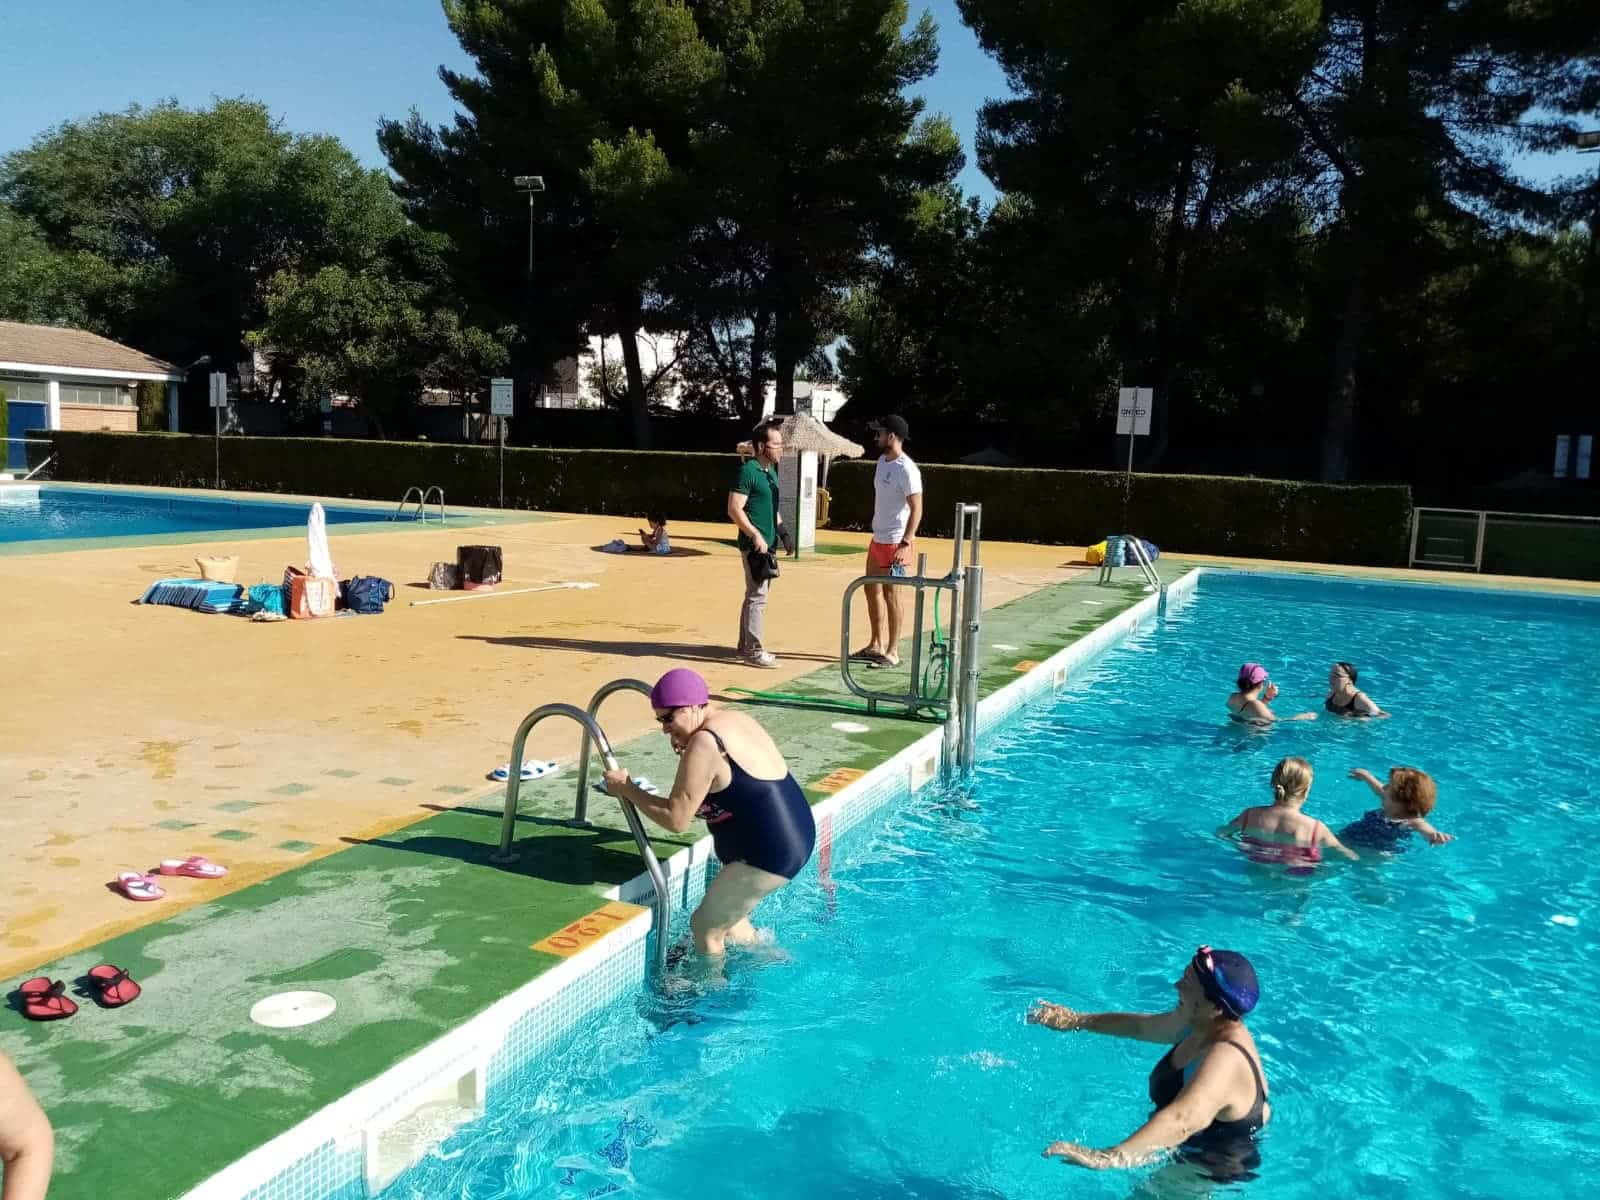 Los cursillos de natación comienzan en Herencia con seguridad 9